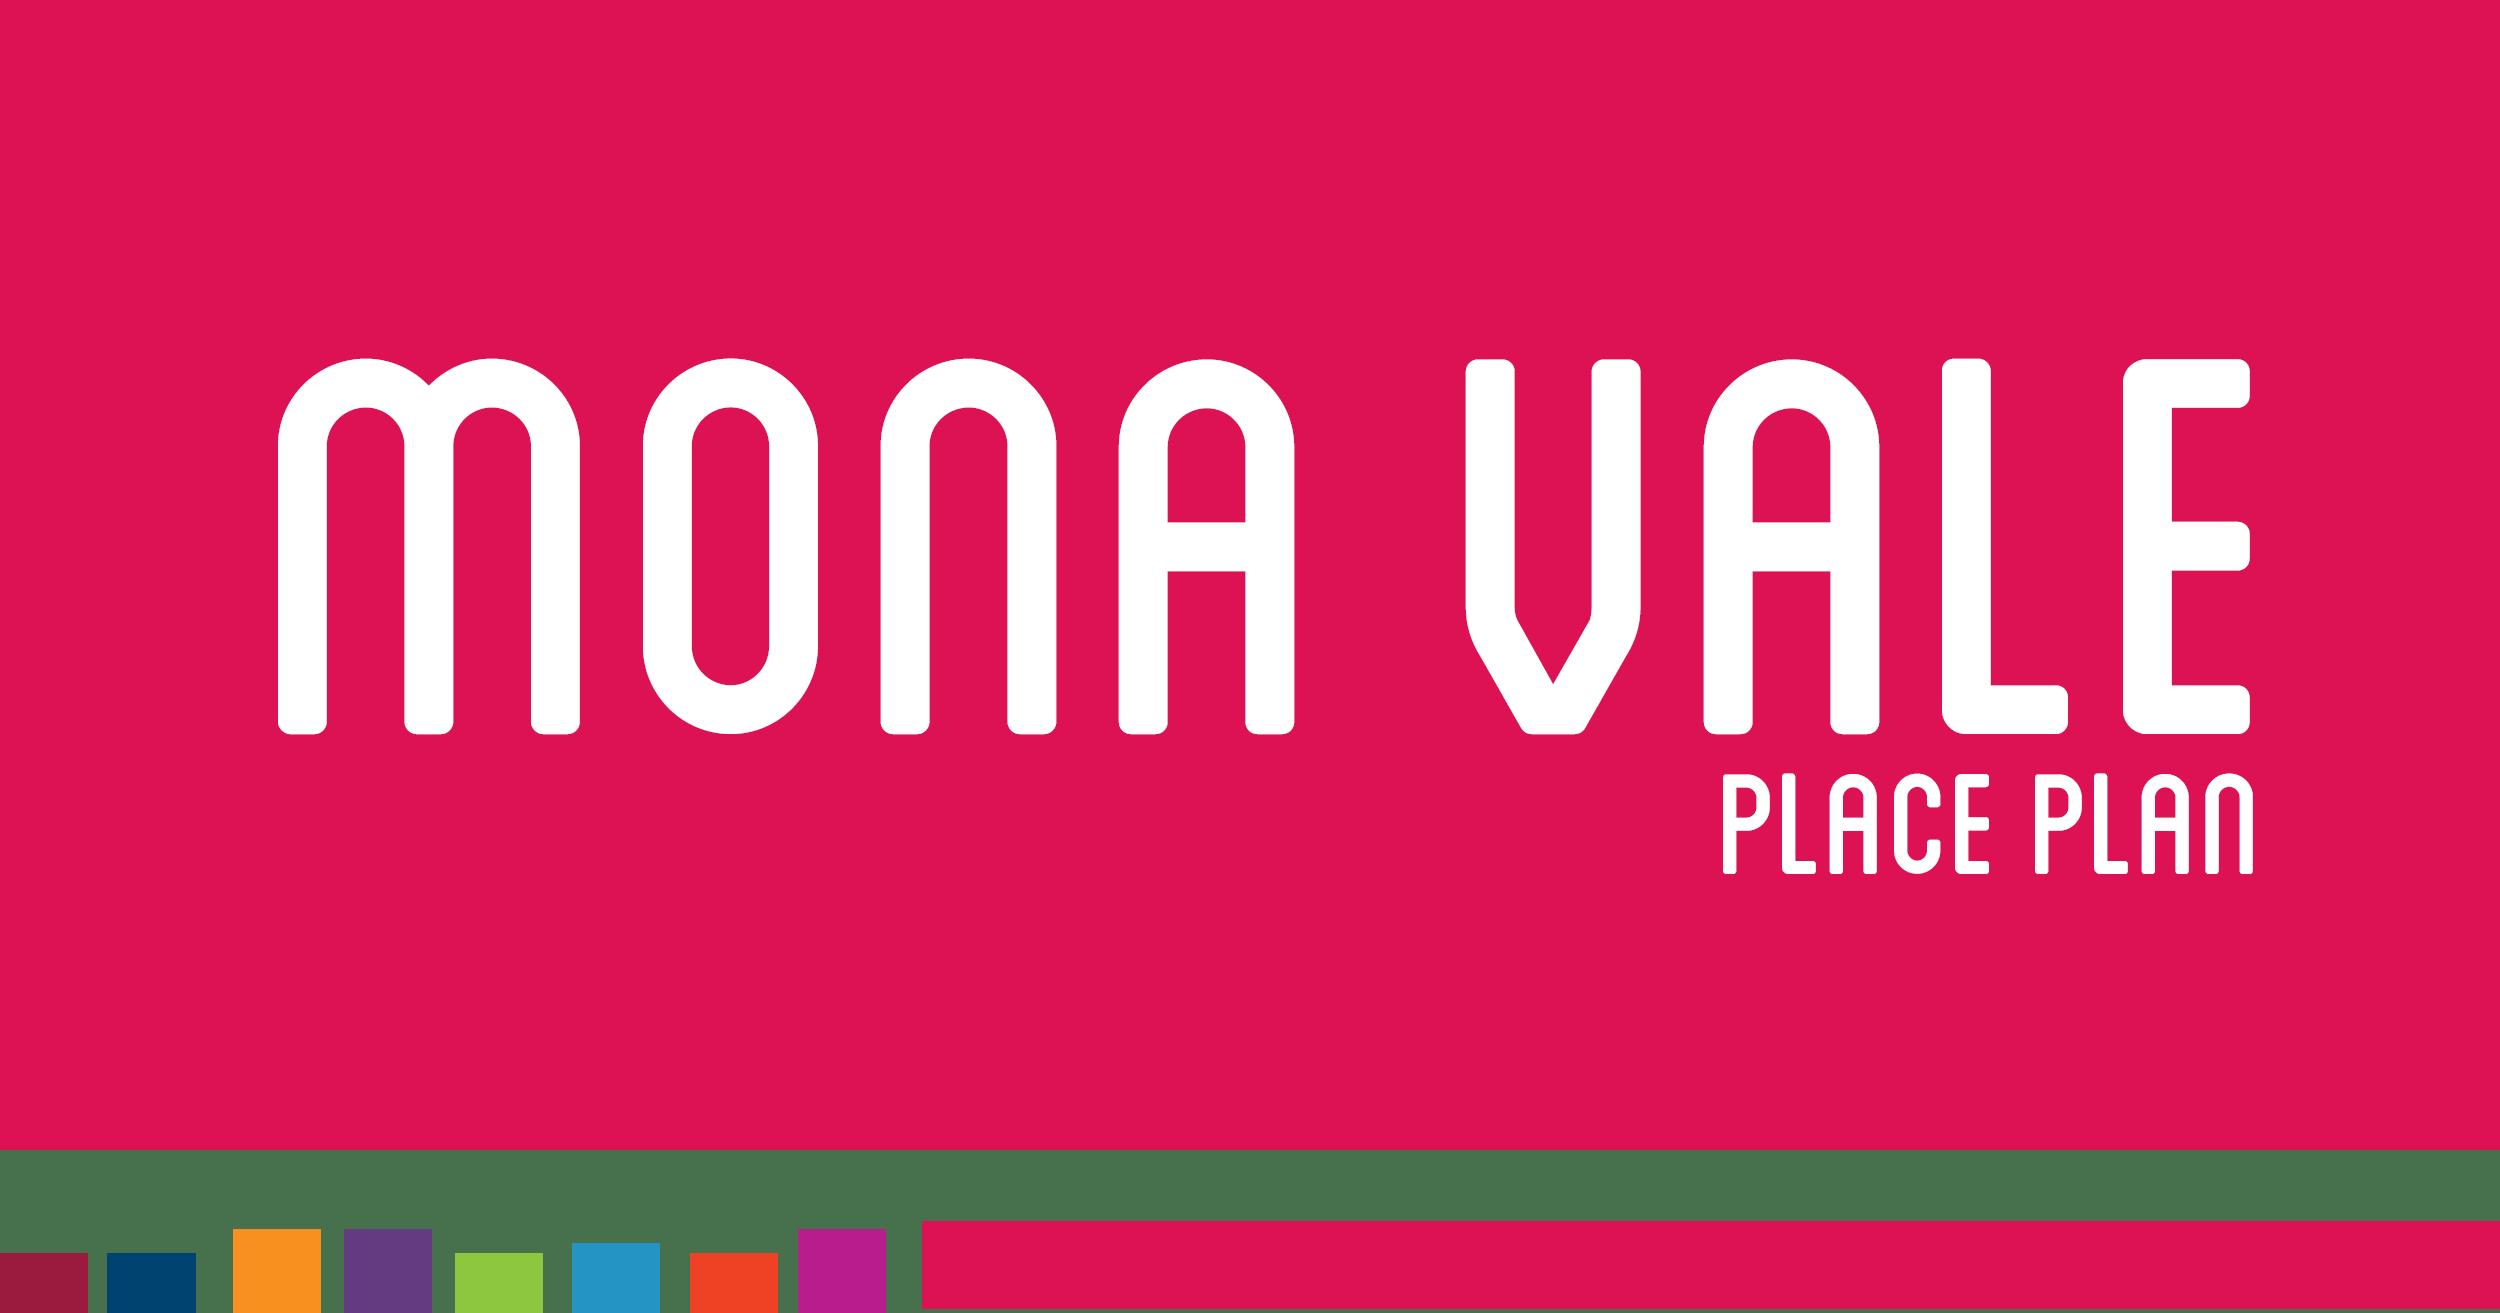 Places og logo